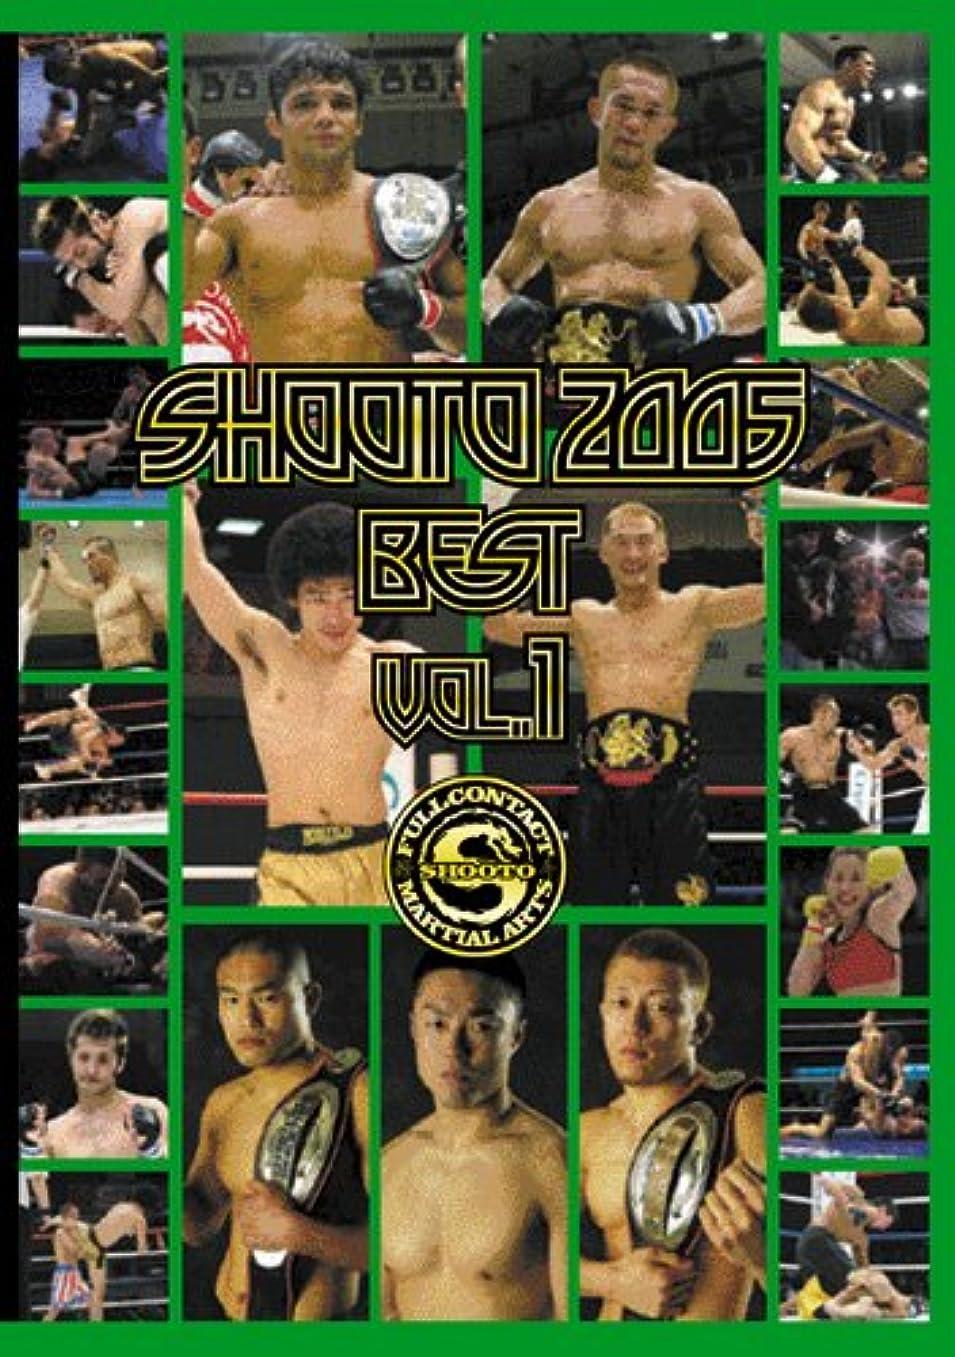 値する相手実質的に修斗 2005 BEST vol.1 [DVD]